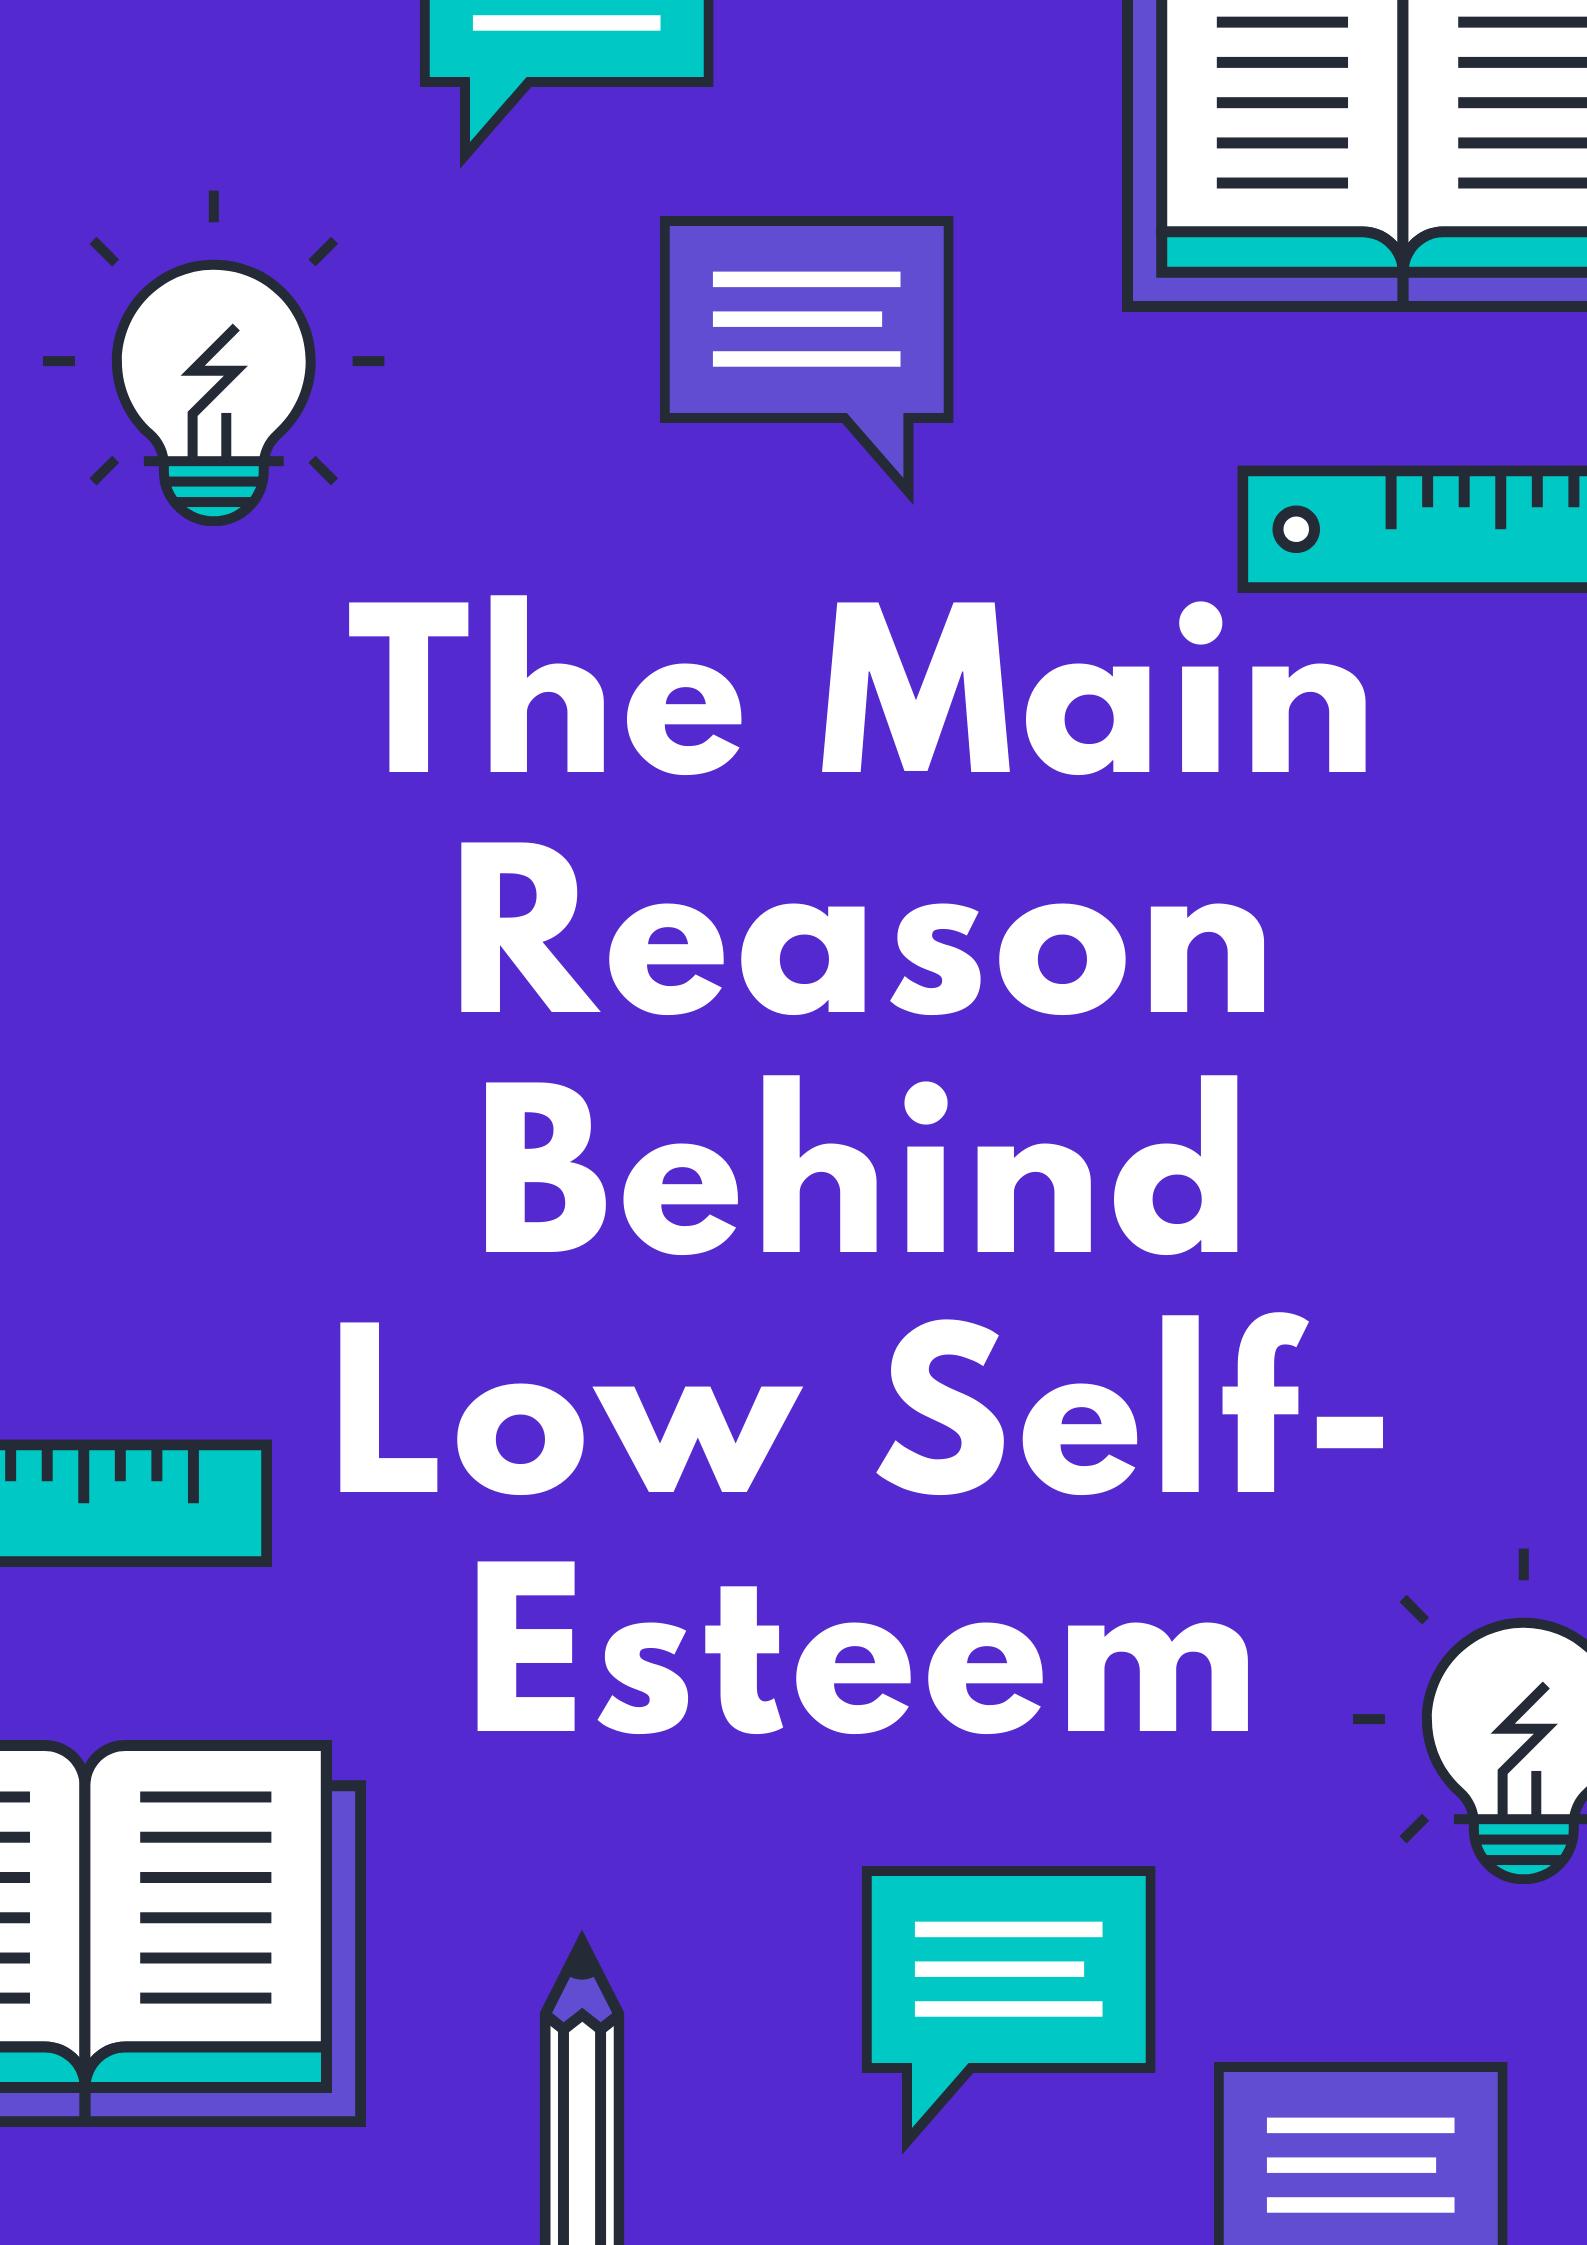 The Reasons Behind Low Self-Esteem.png